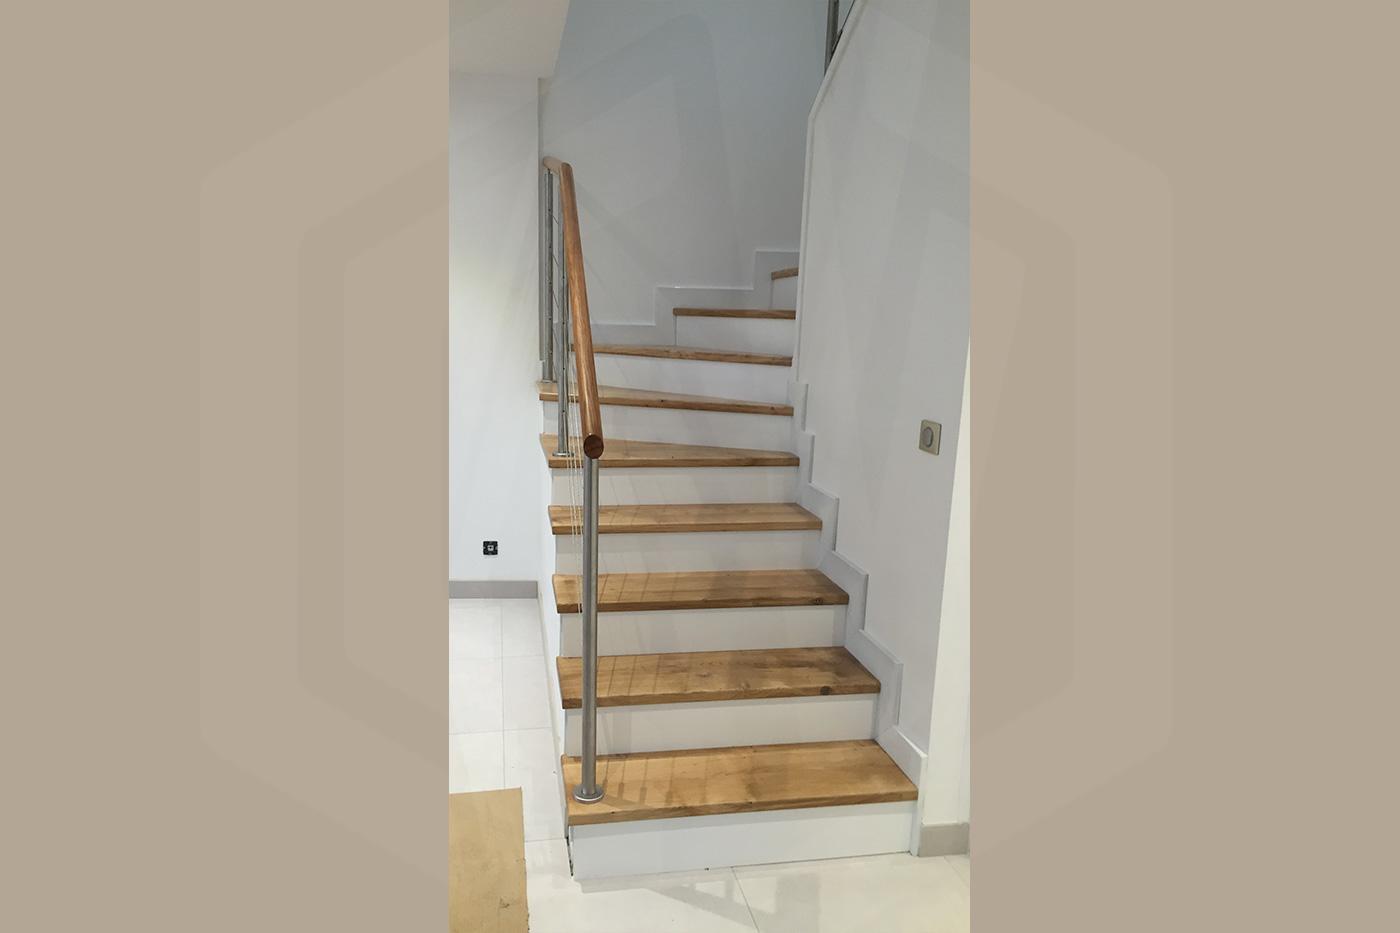 escadas_ferro_madeira_2